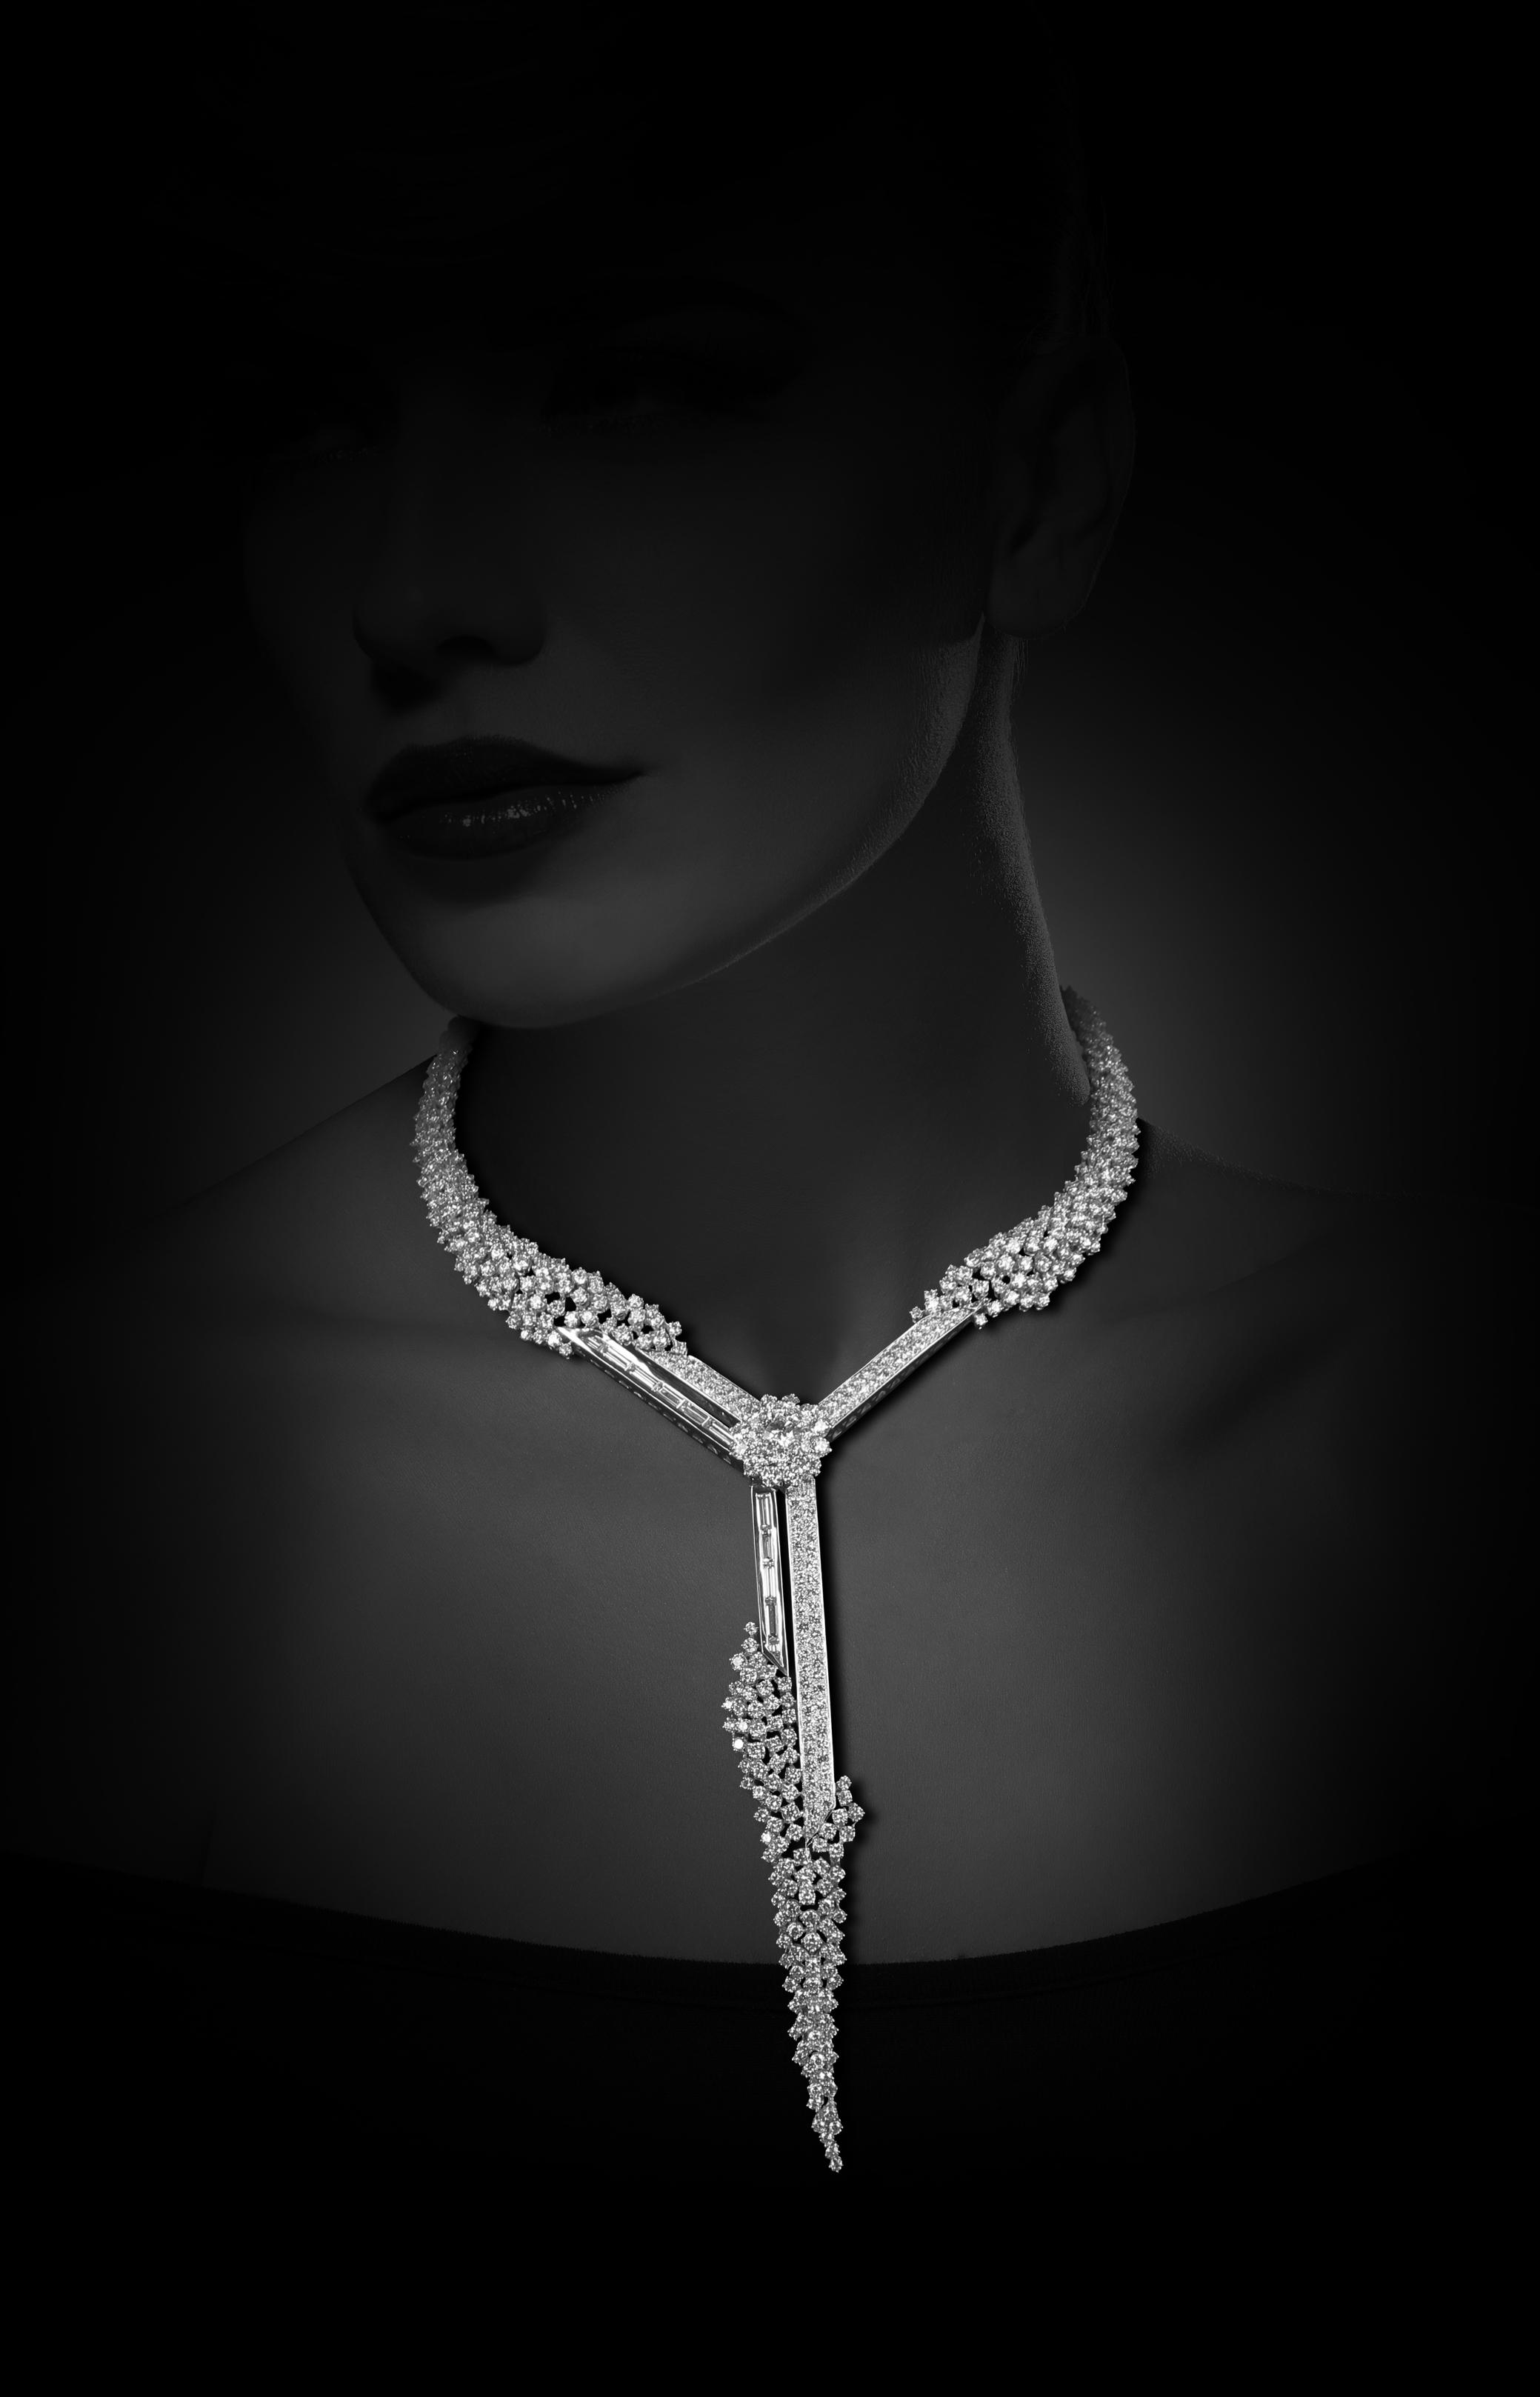 بالصور صور مجوهرات , اجمل صور المجوهرات الانيقة فى العالم 2878 4